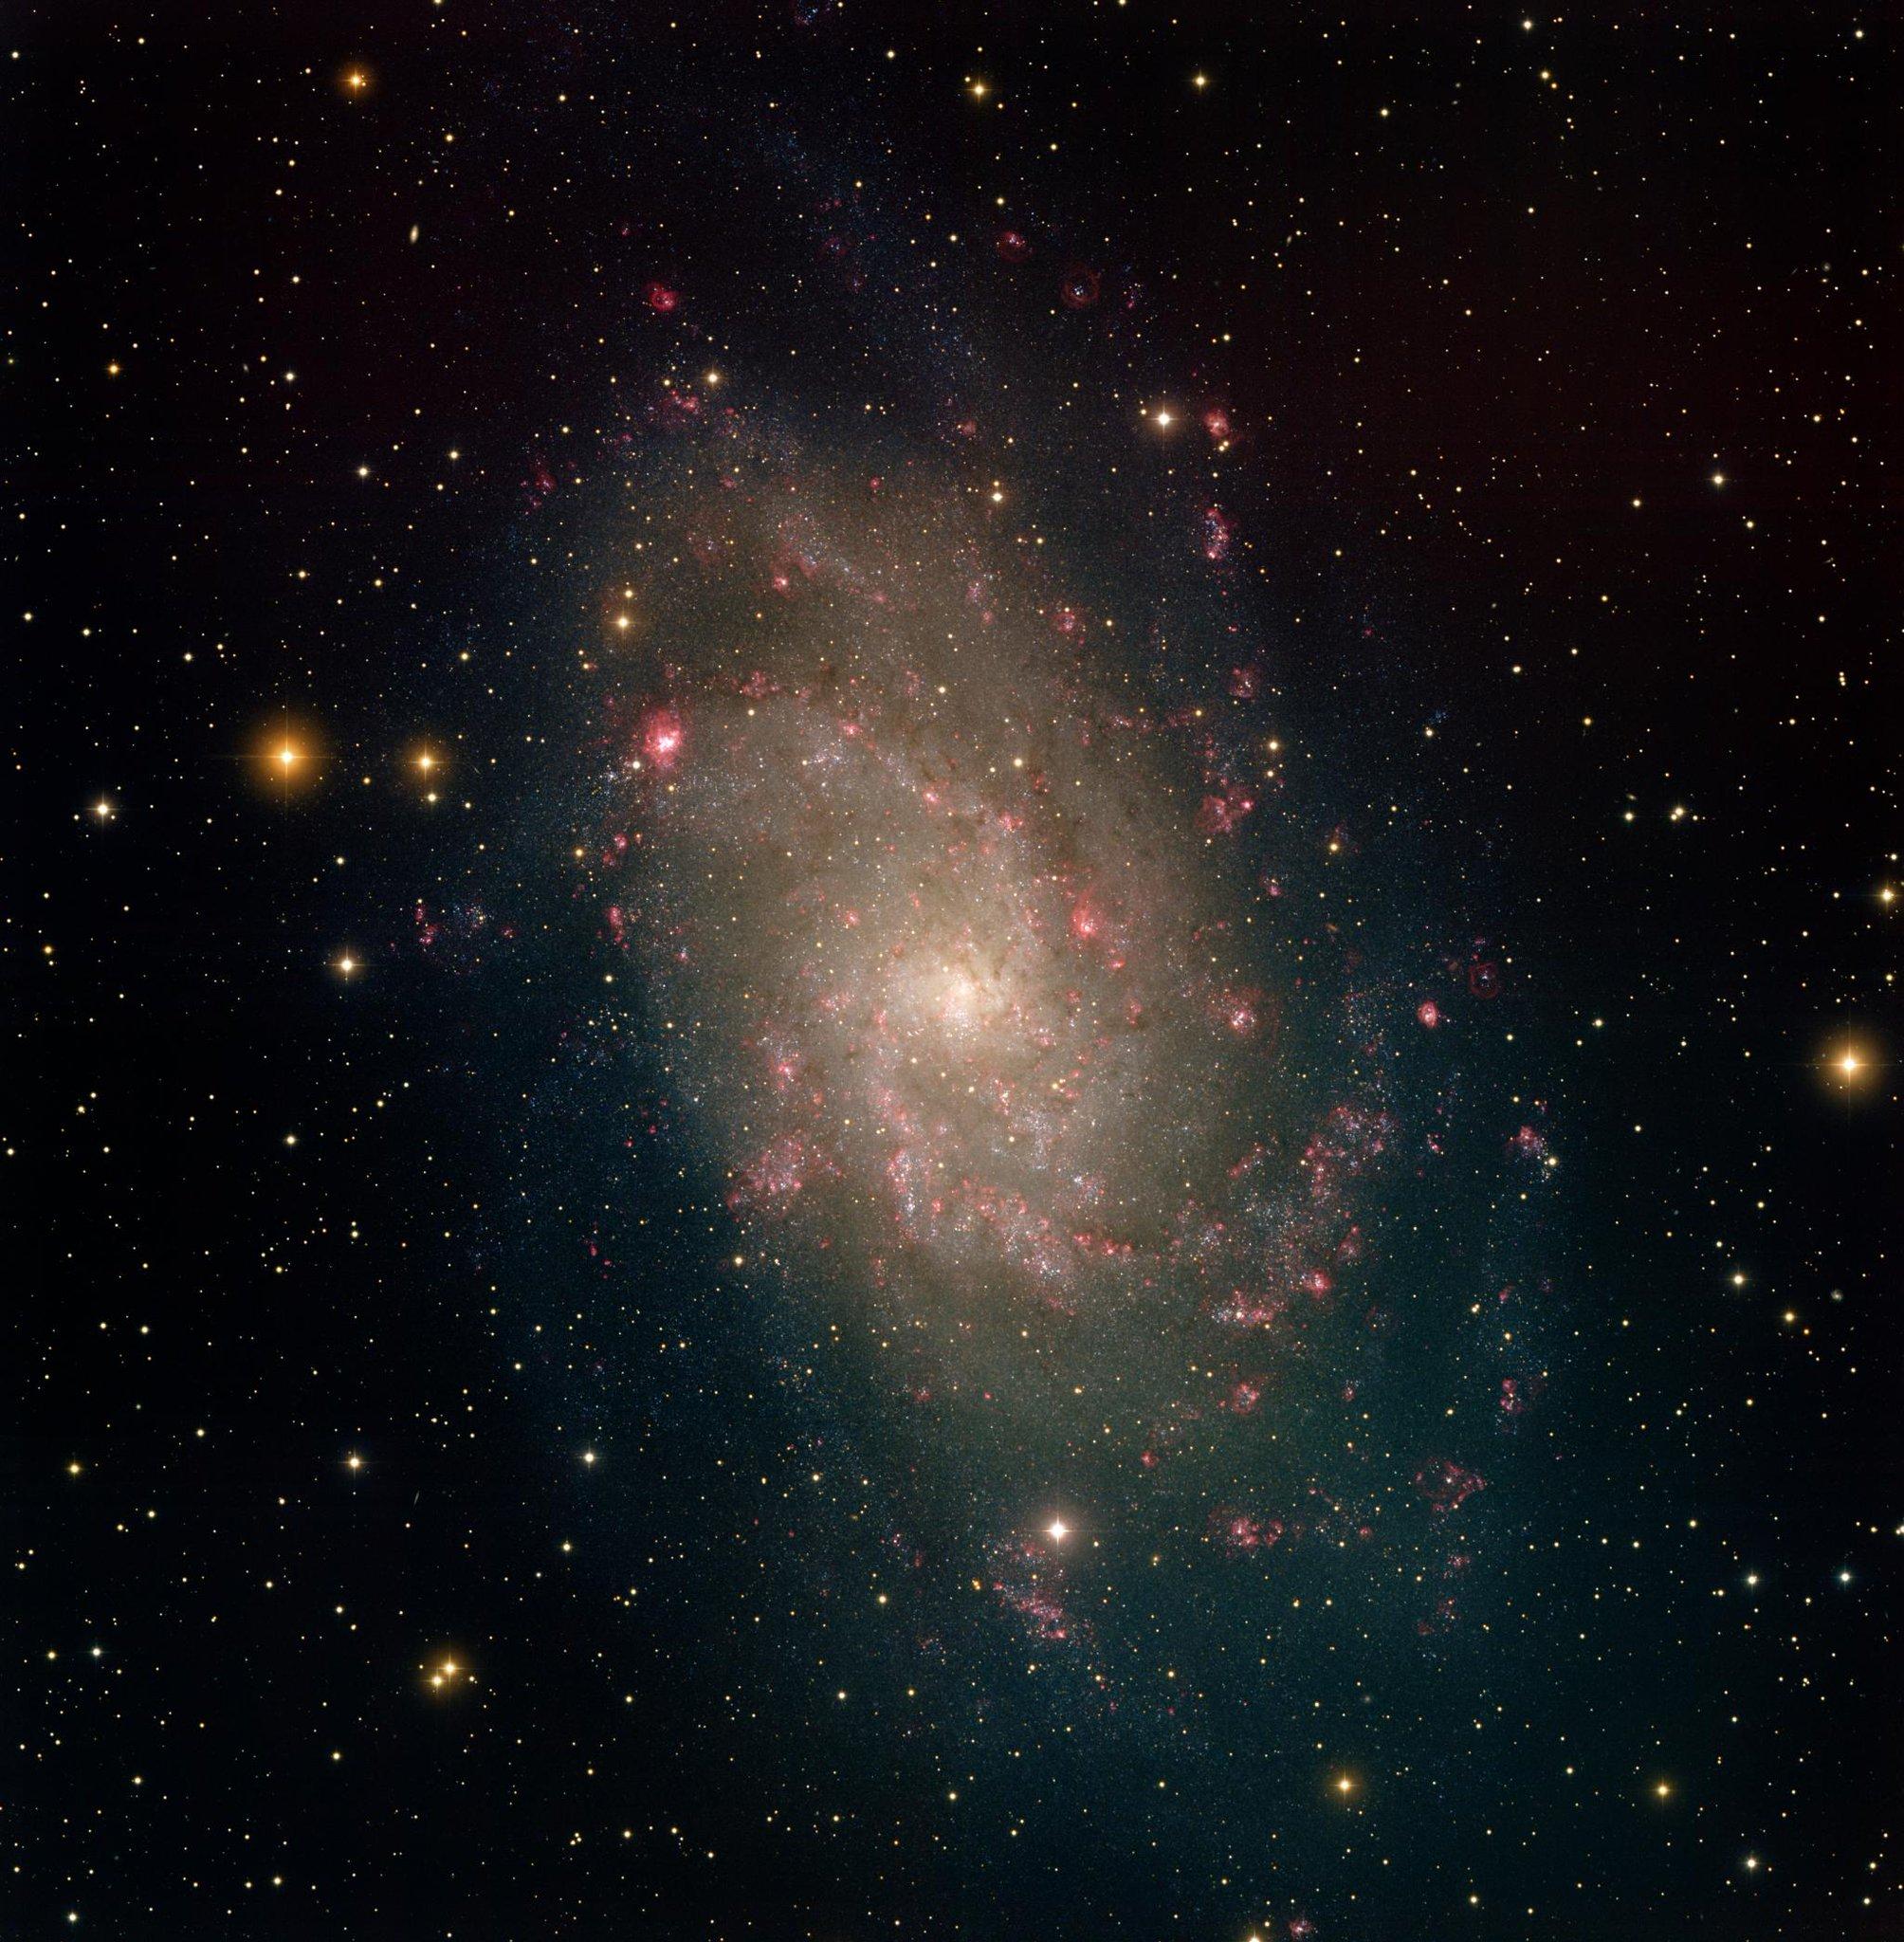 очередной космос фото галактик являются